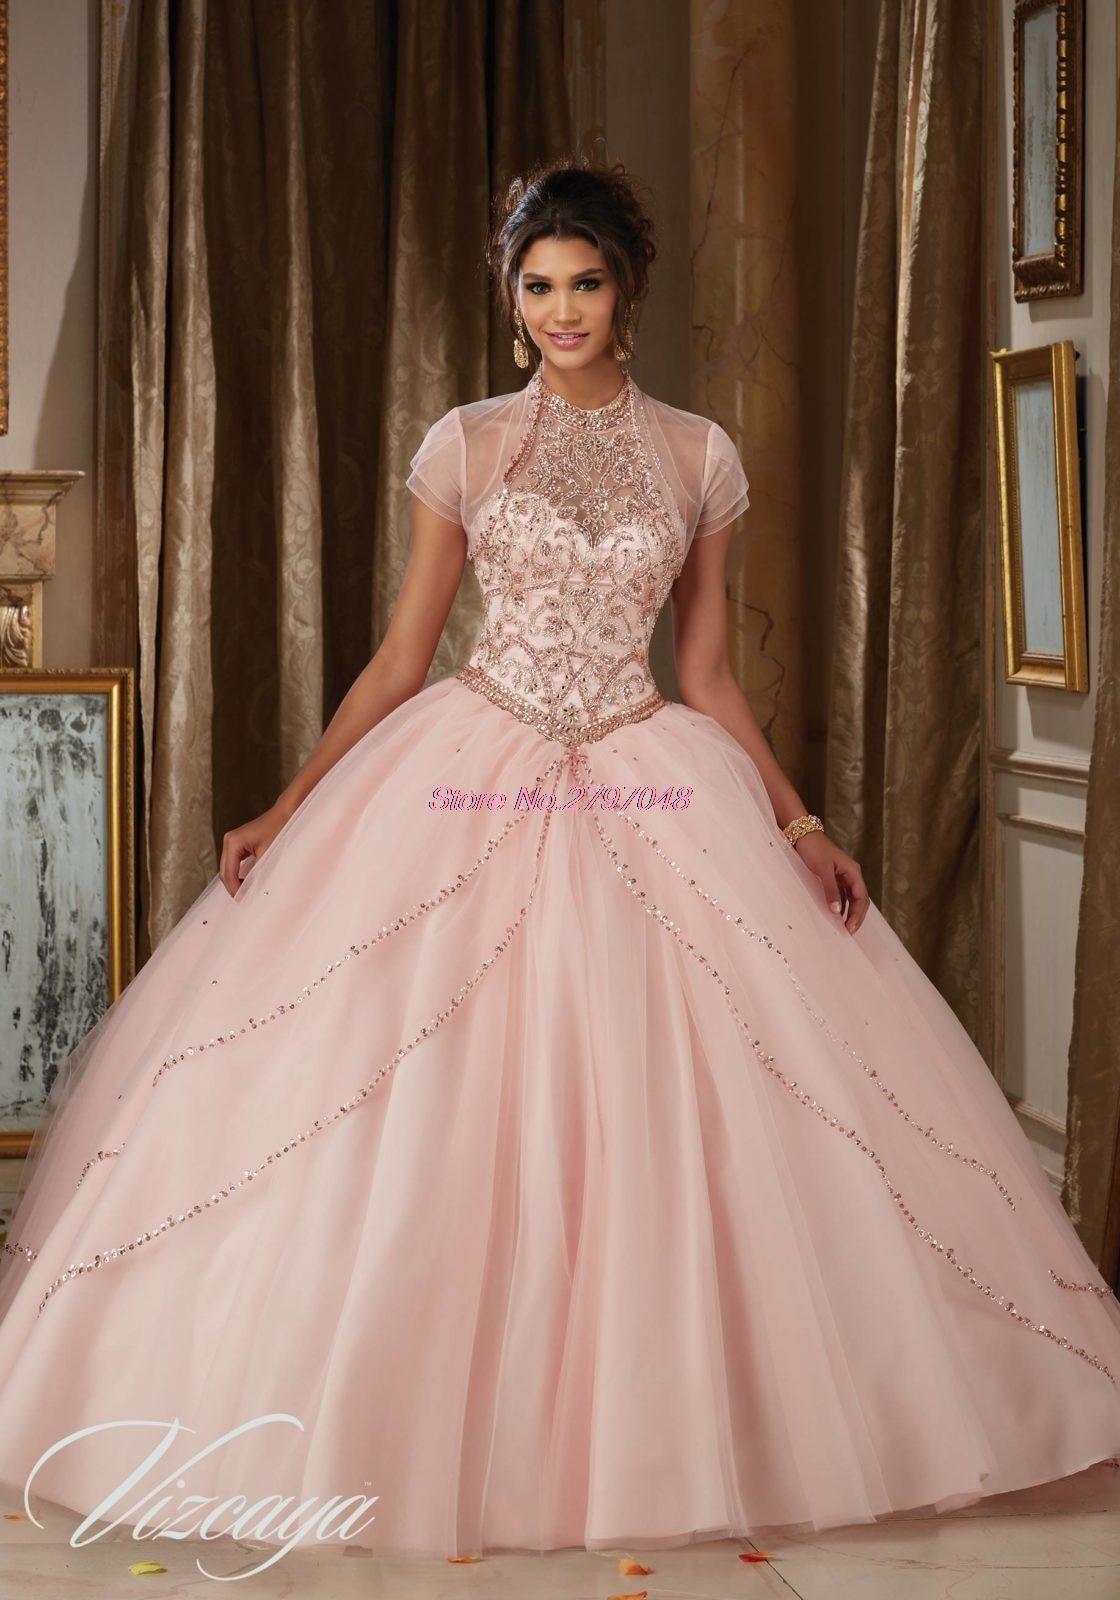 Vistoso Vestido De Novia Caro Galería - Colección de Vestidos de ...